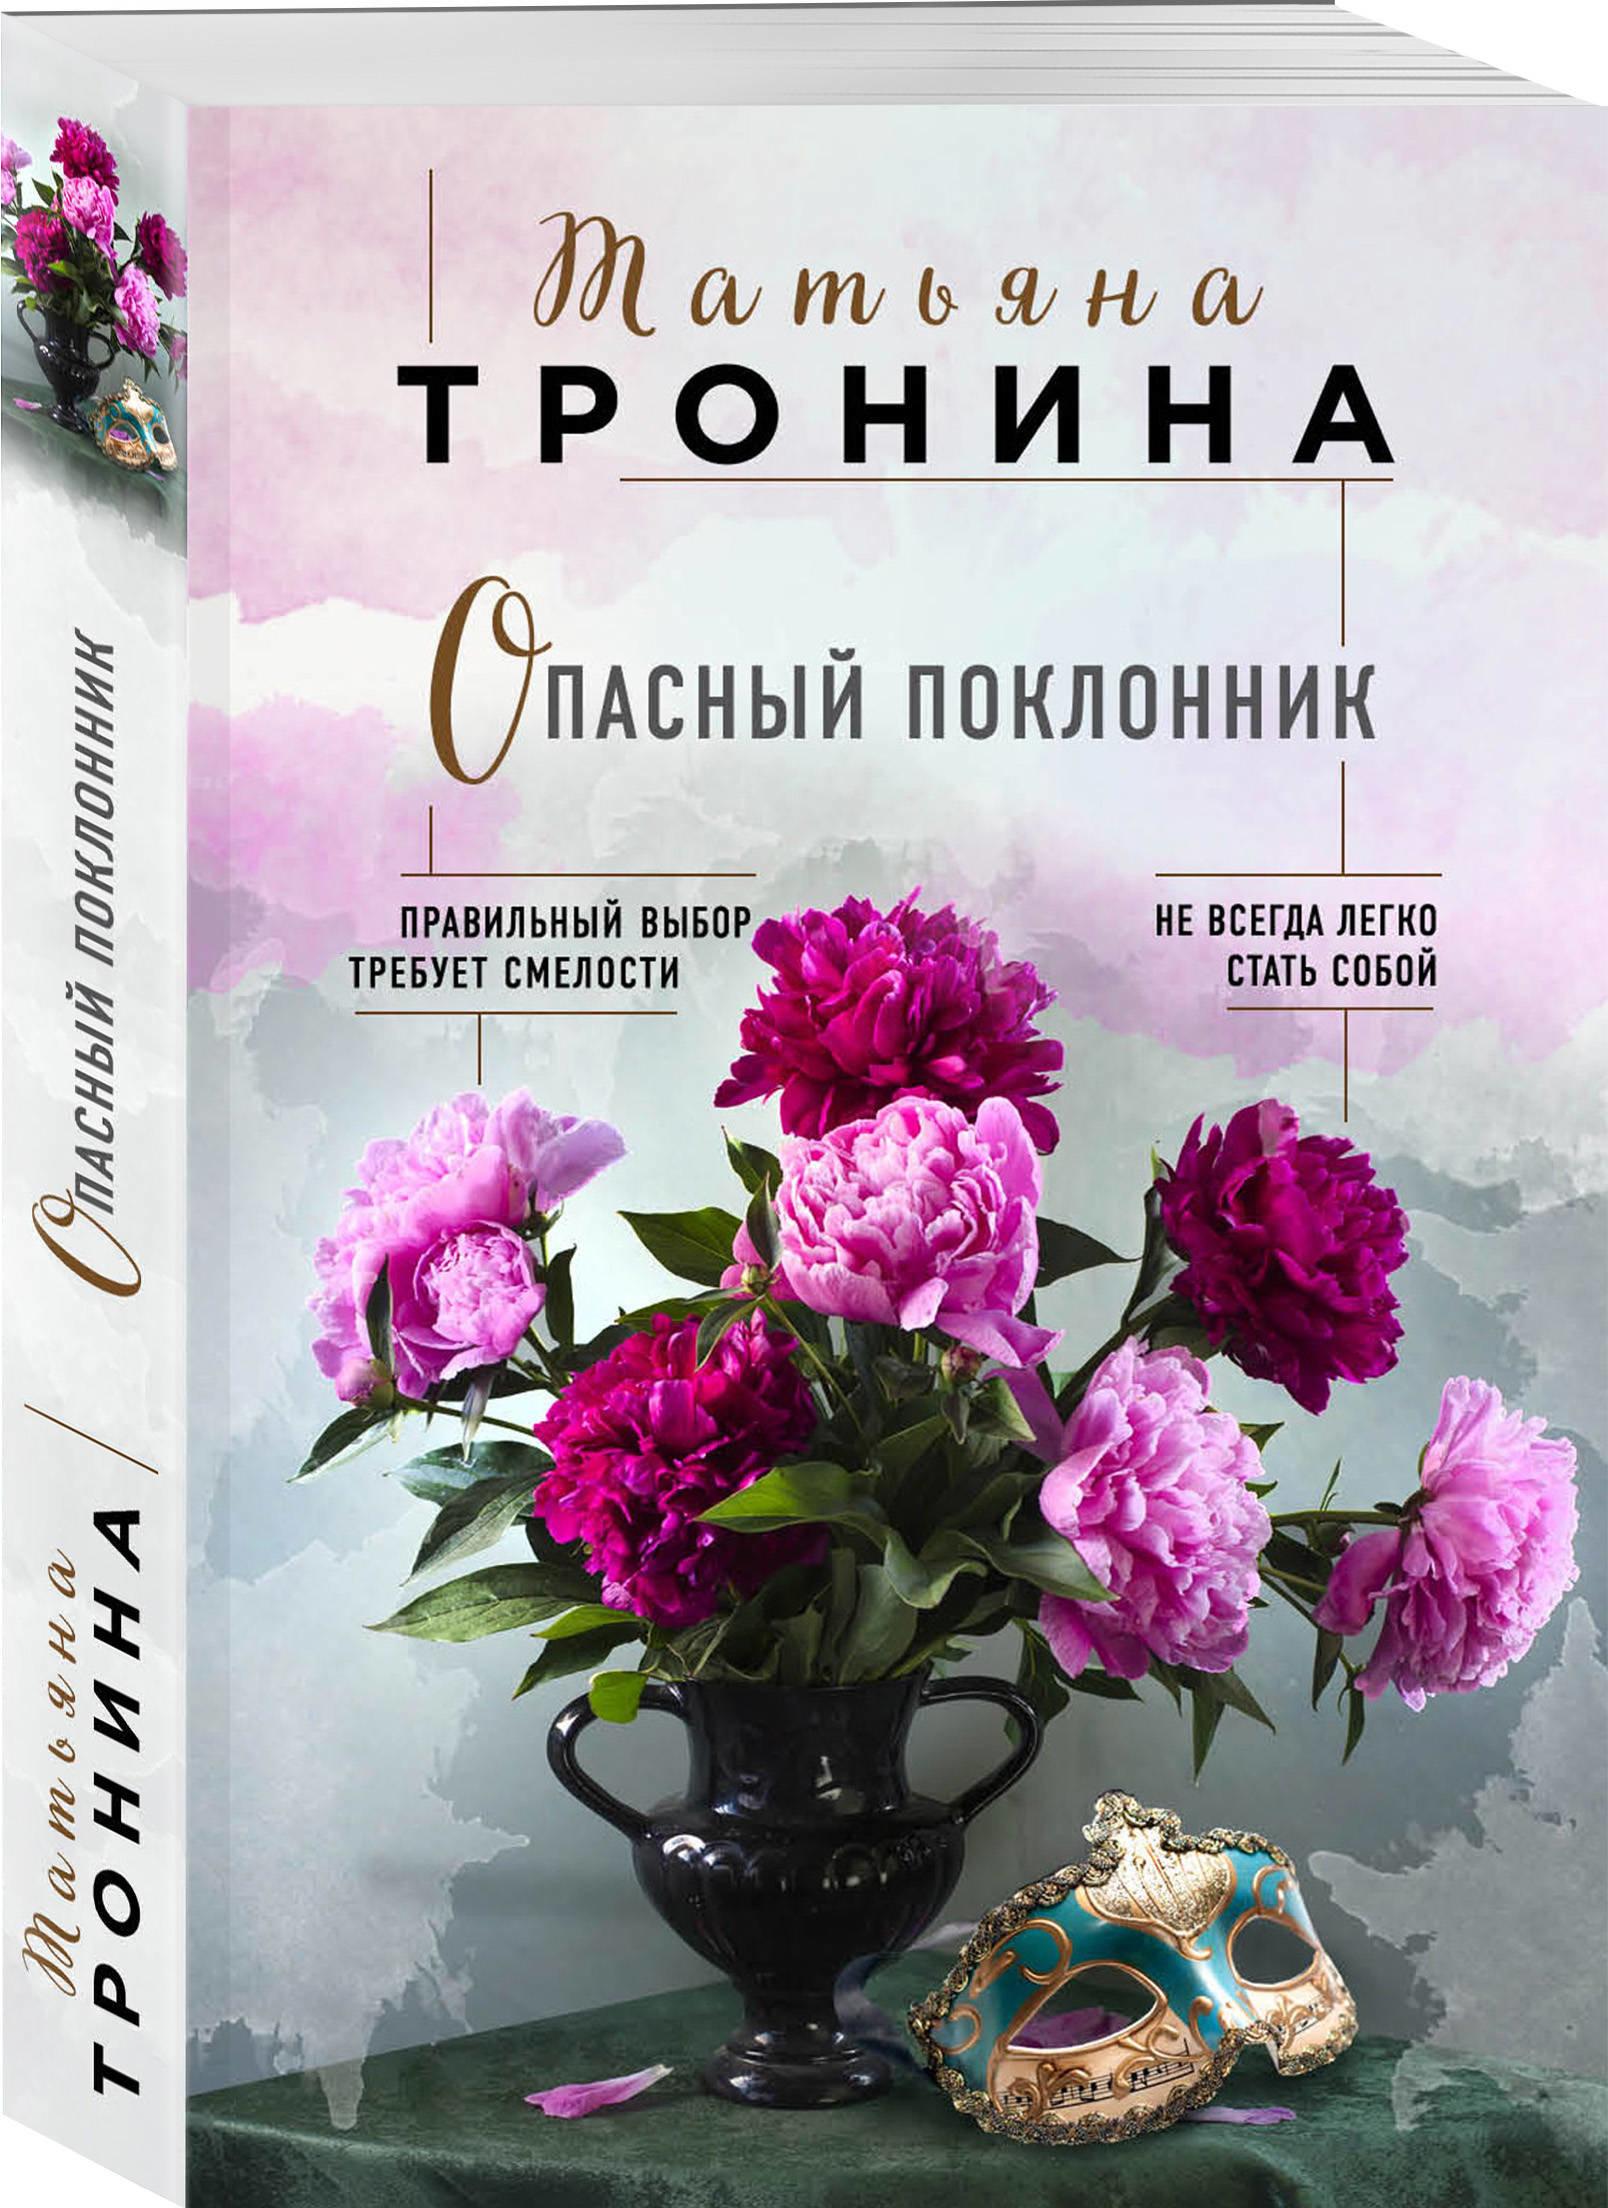 """Тронина Татьяна Михайловна """"Опасный поклонник"""""""